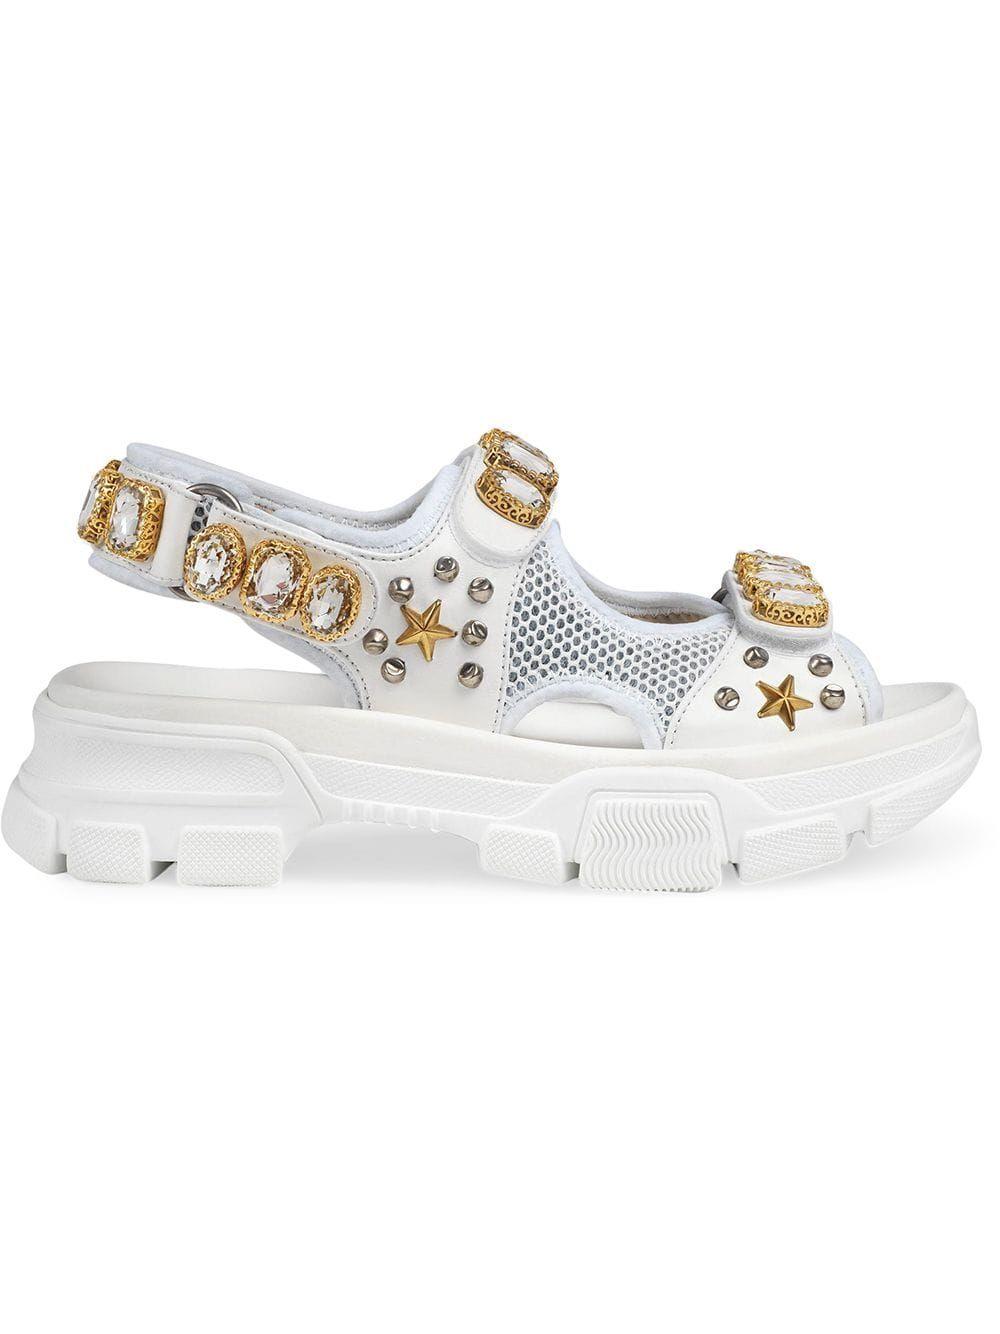 Gucci crystal-embellished Sandals